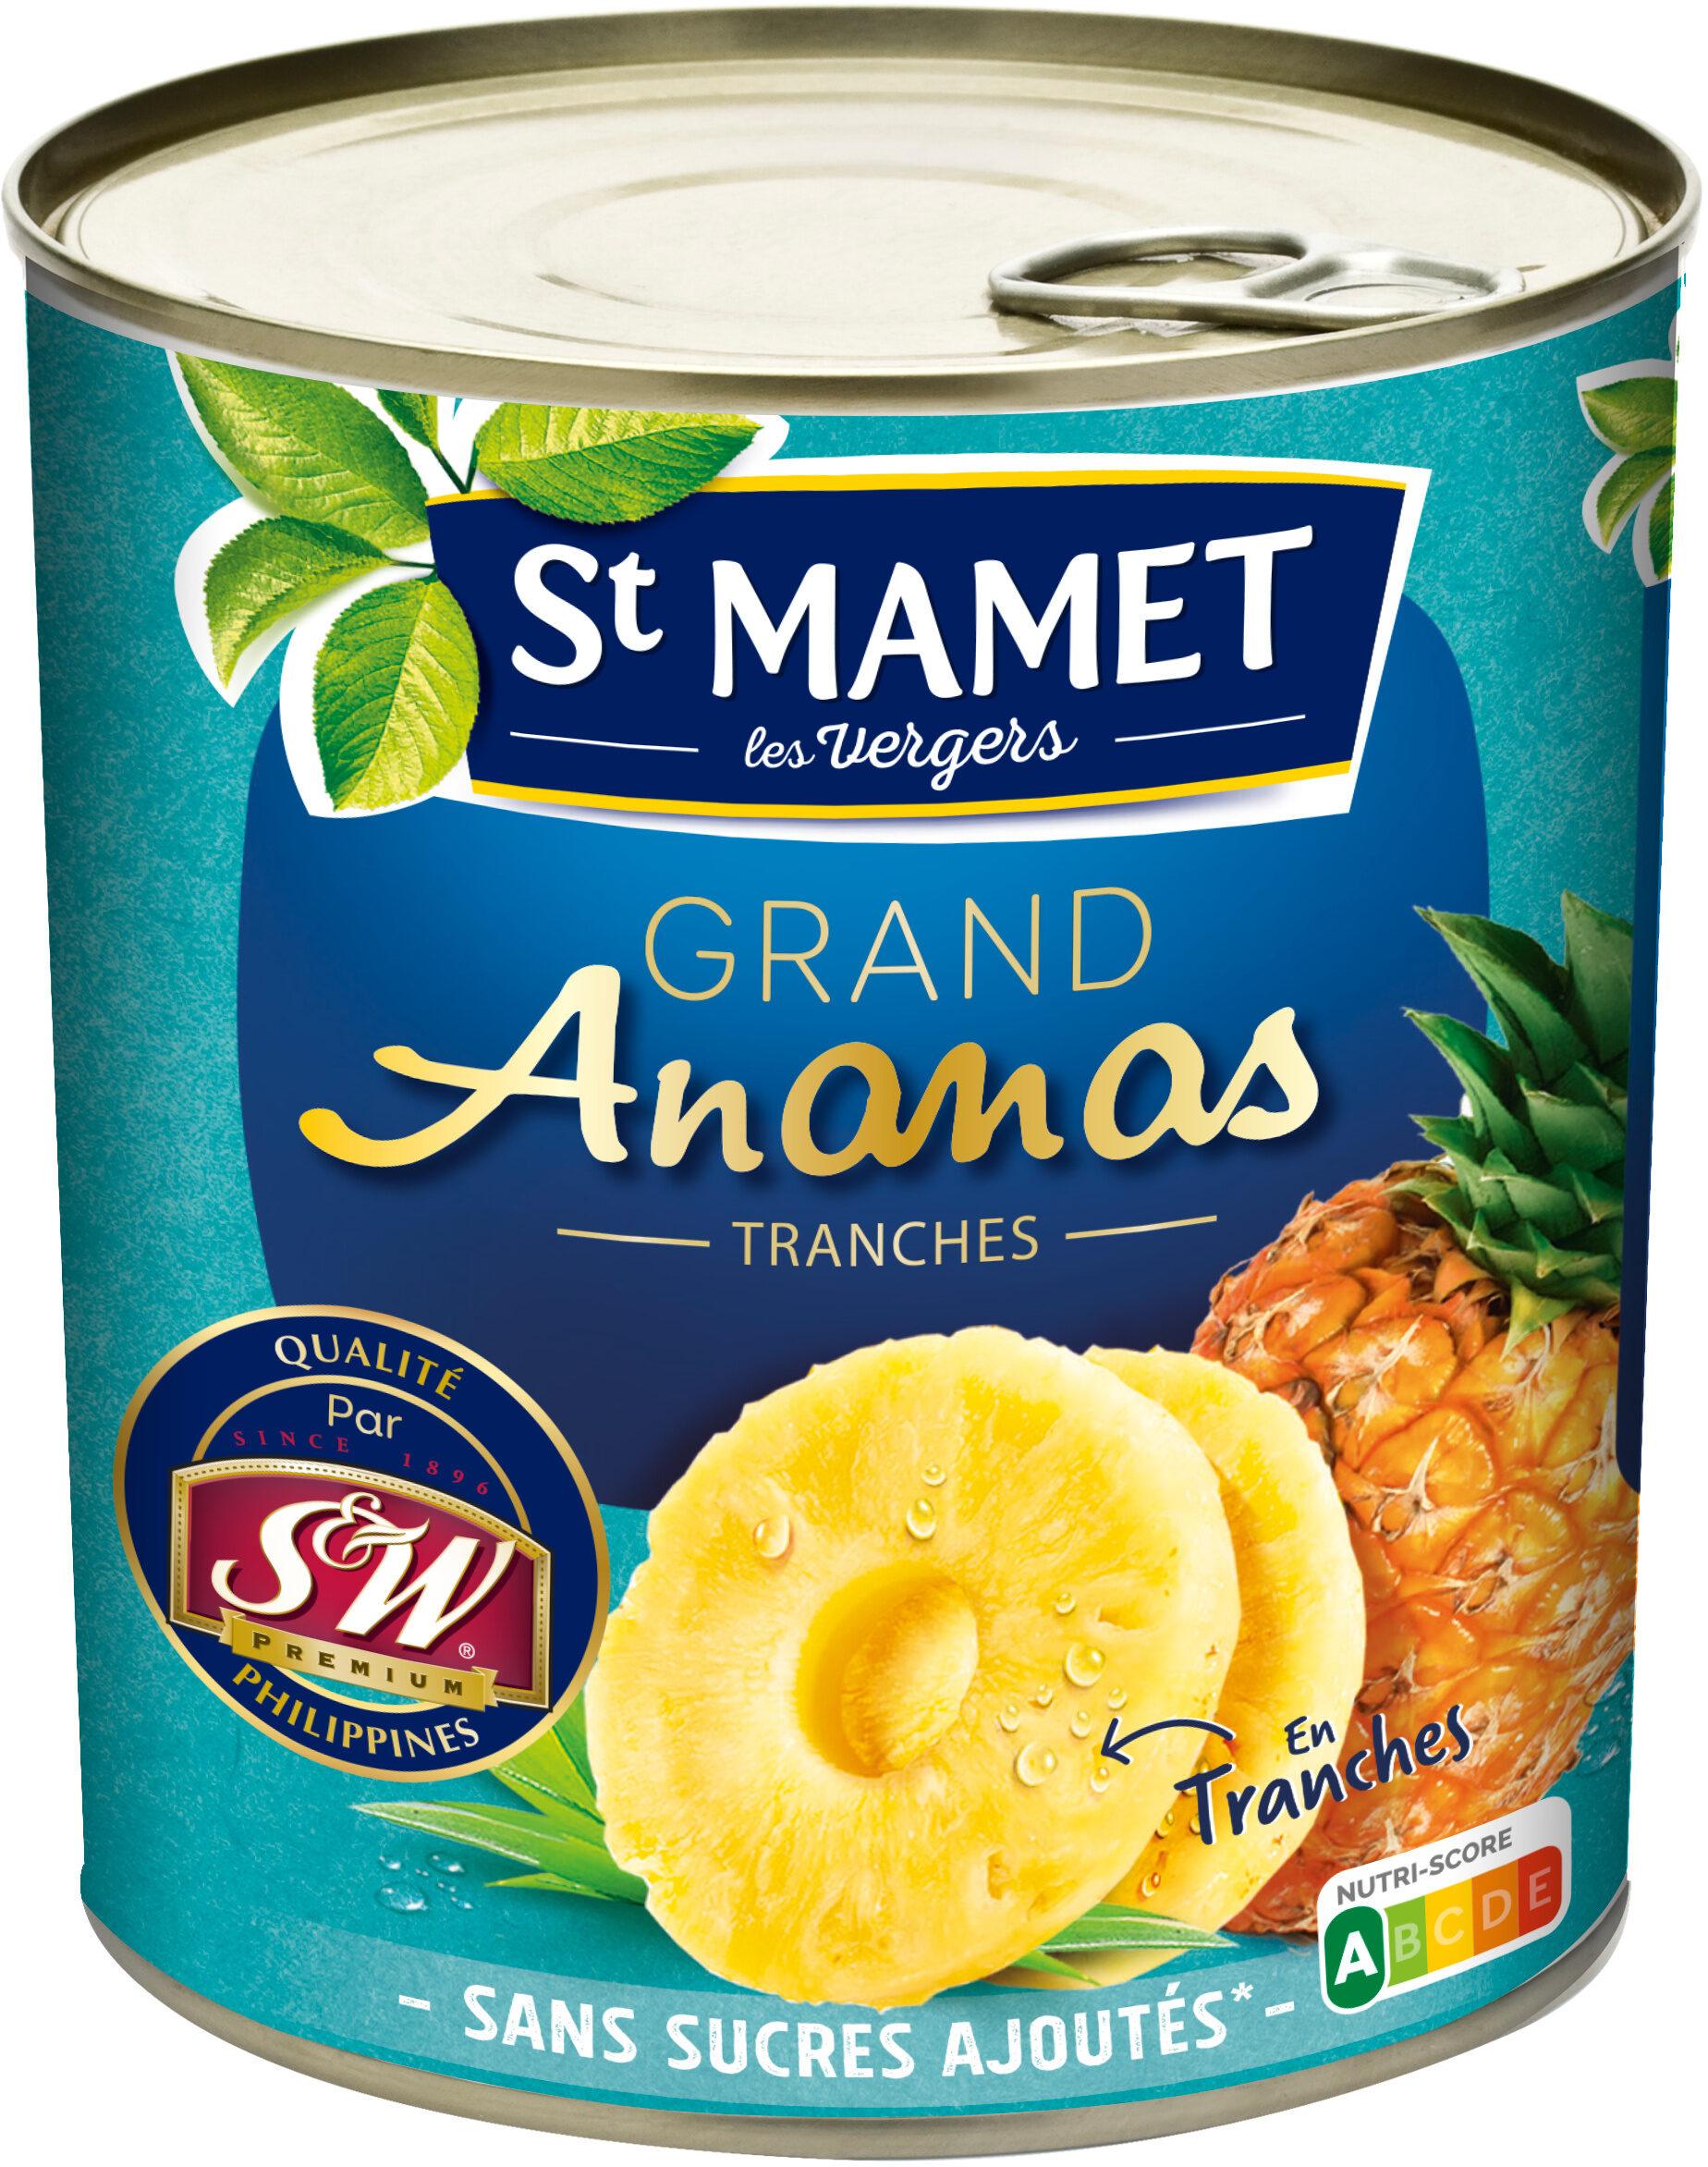 Grand Ananas Tranches Sans sucres ajoutés - 製品 - fr